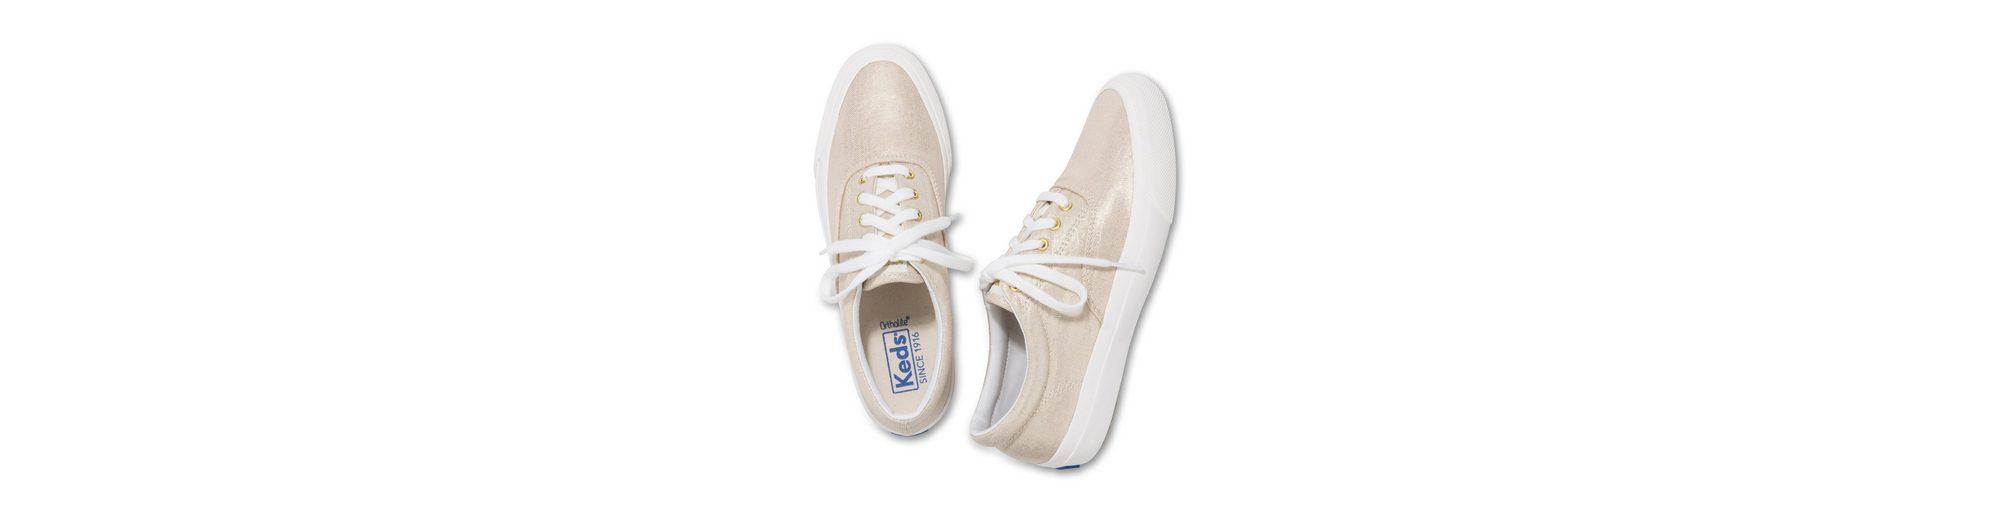 Billig Vorbestellung Keds Anchor Canvas Sneaker Billig Authentisch Verkauf Freies Verschiffen FXZOaKlrRH